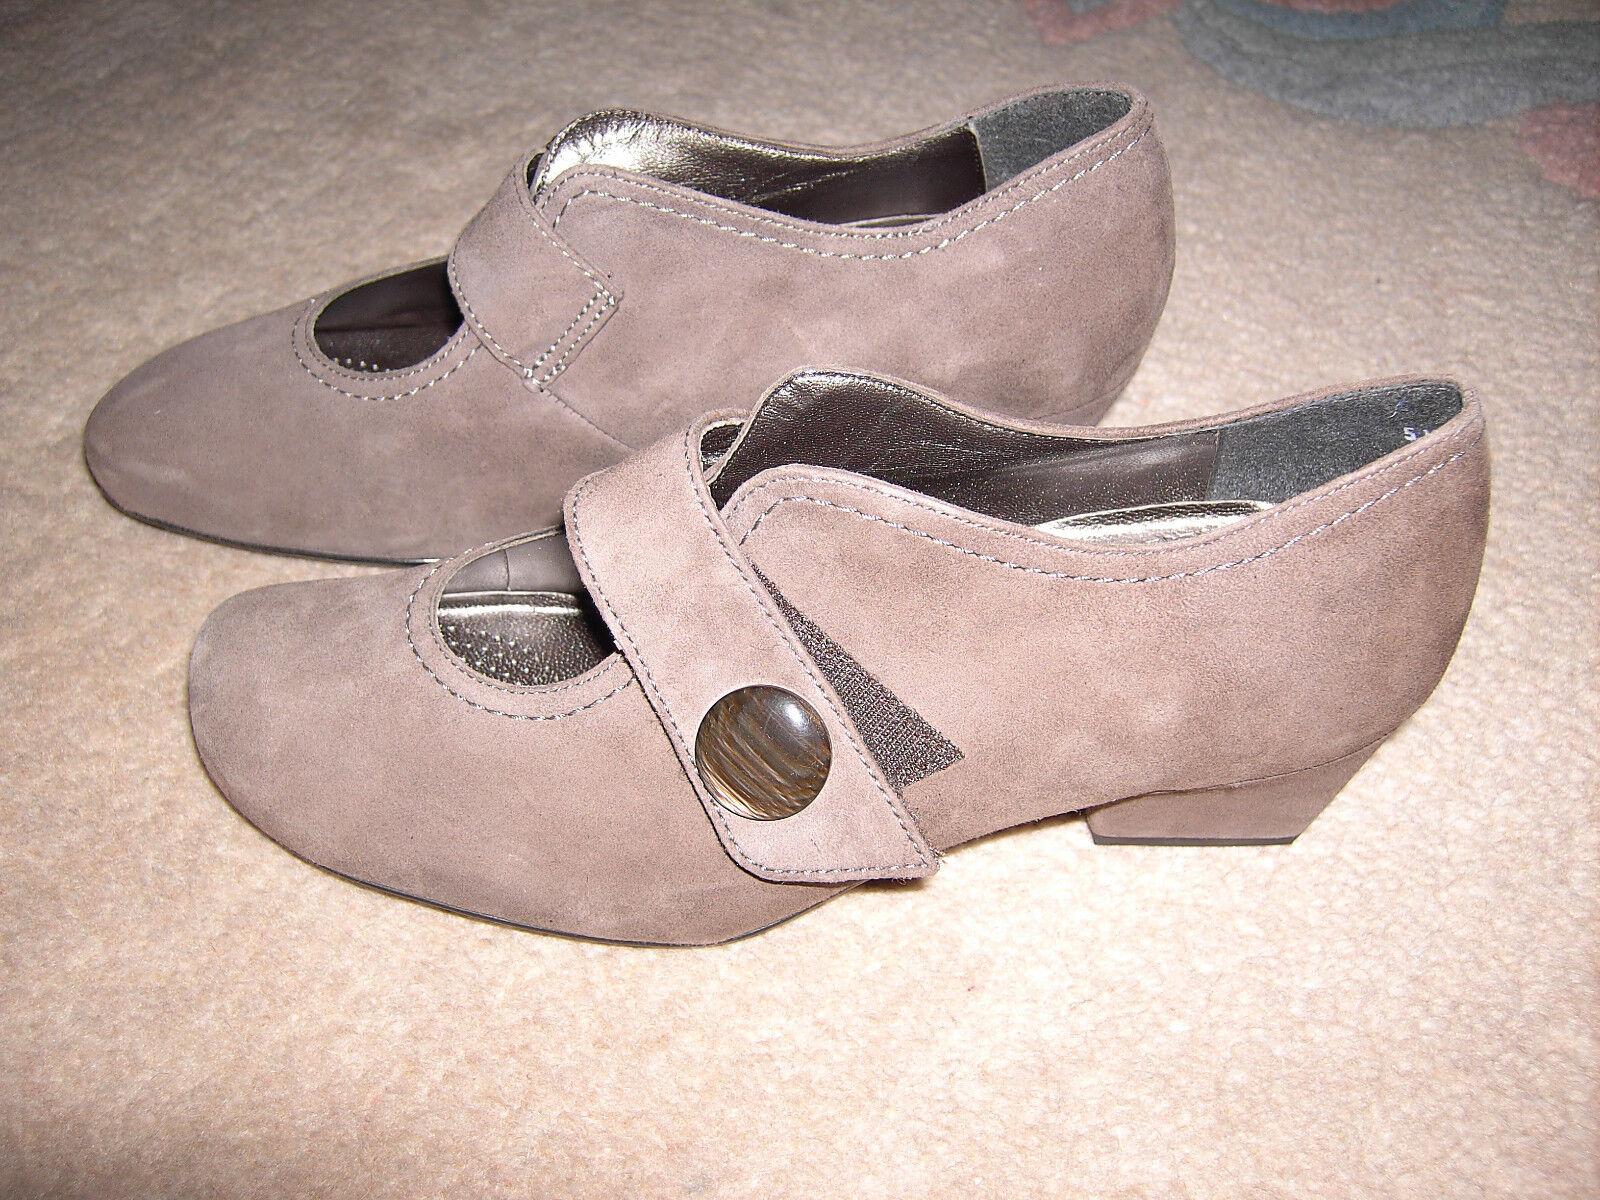 Damen Schuhe Pumps Gr 38,5 / 5,5 5,5 5,5 Wildleder NEU ara e34d7f